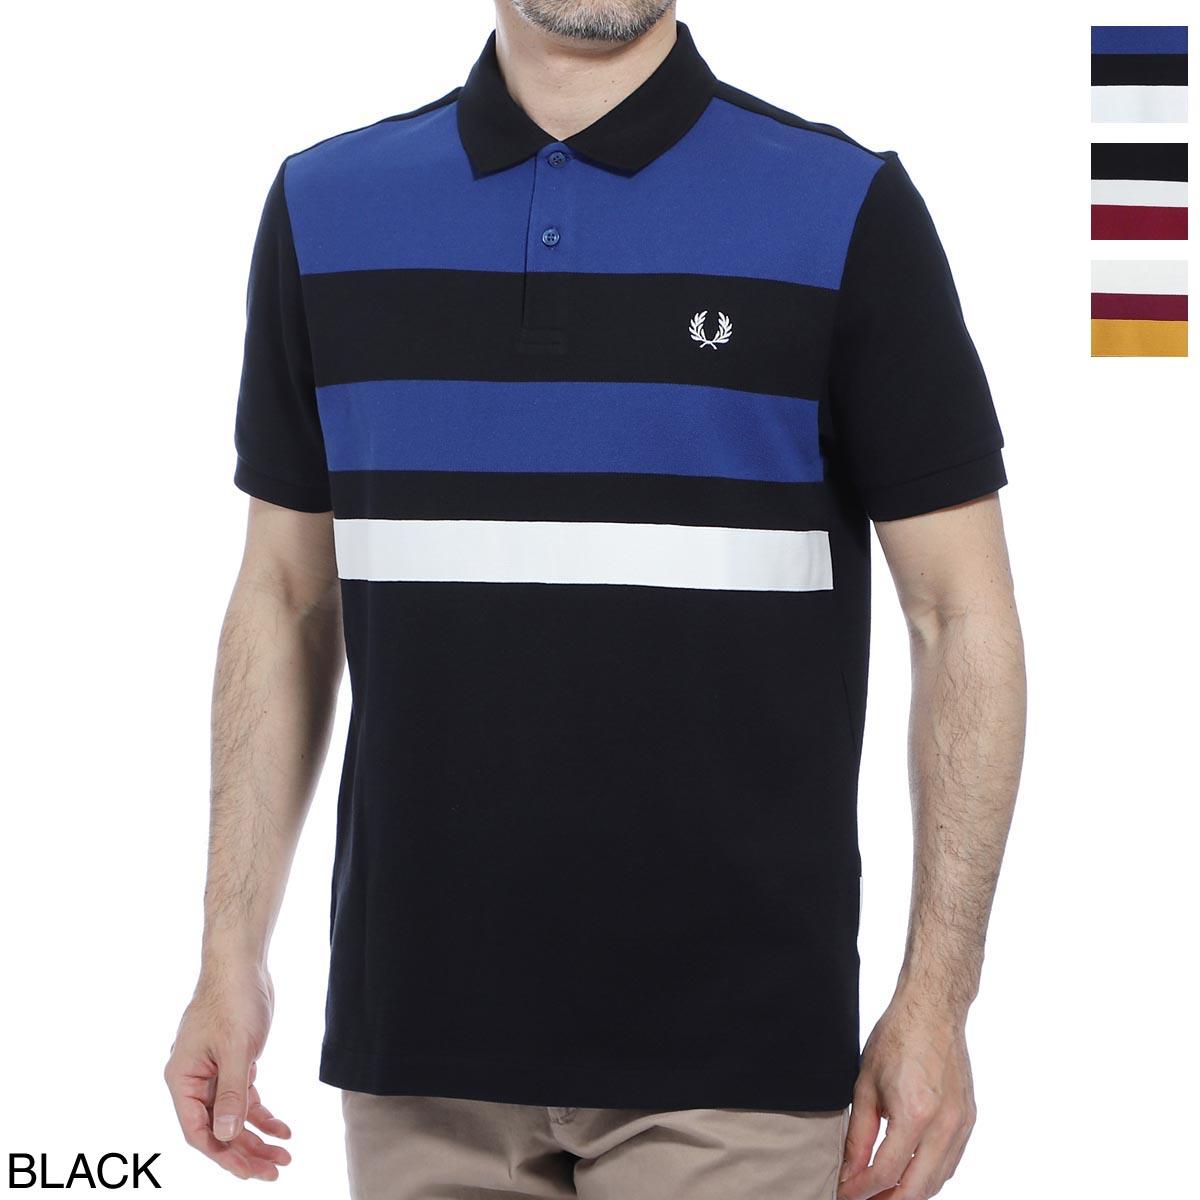 フレッドペリー FRED PERRY ポロシャツ メンズ m8540 102 TAPE DETAIL POLO SHIRT【あす楽対応_関東】【返品送料無料】【ラッピング無料】